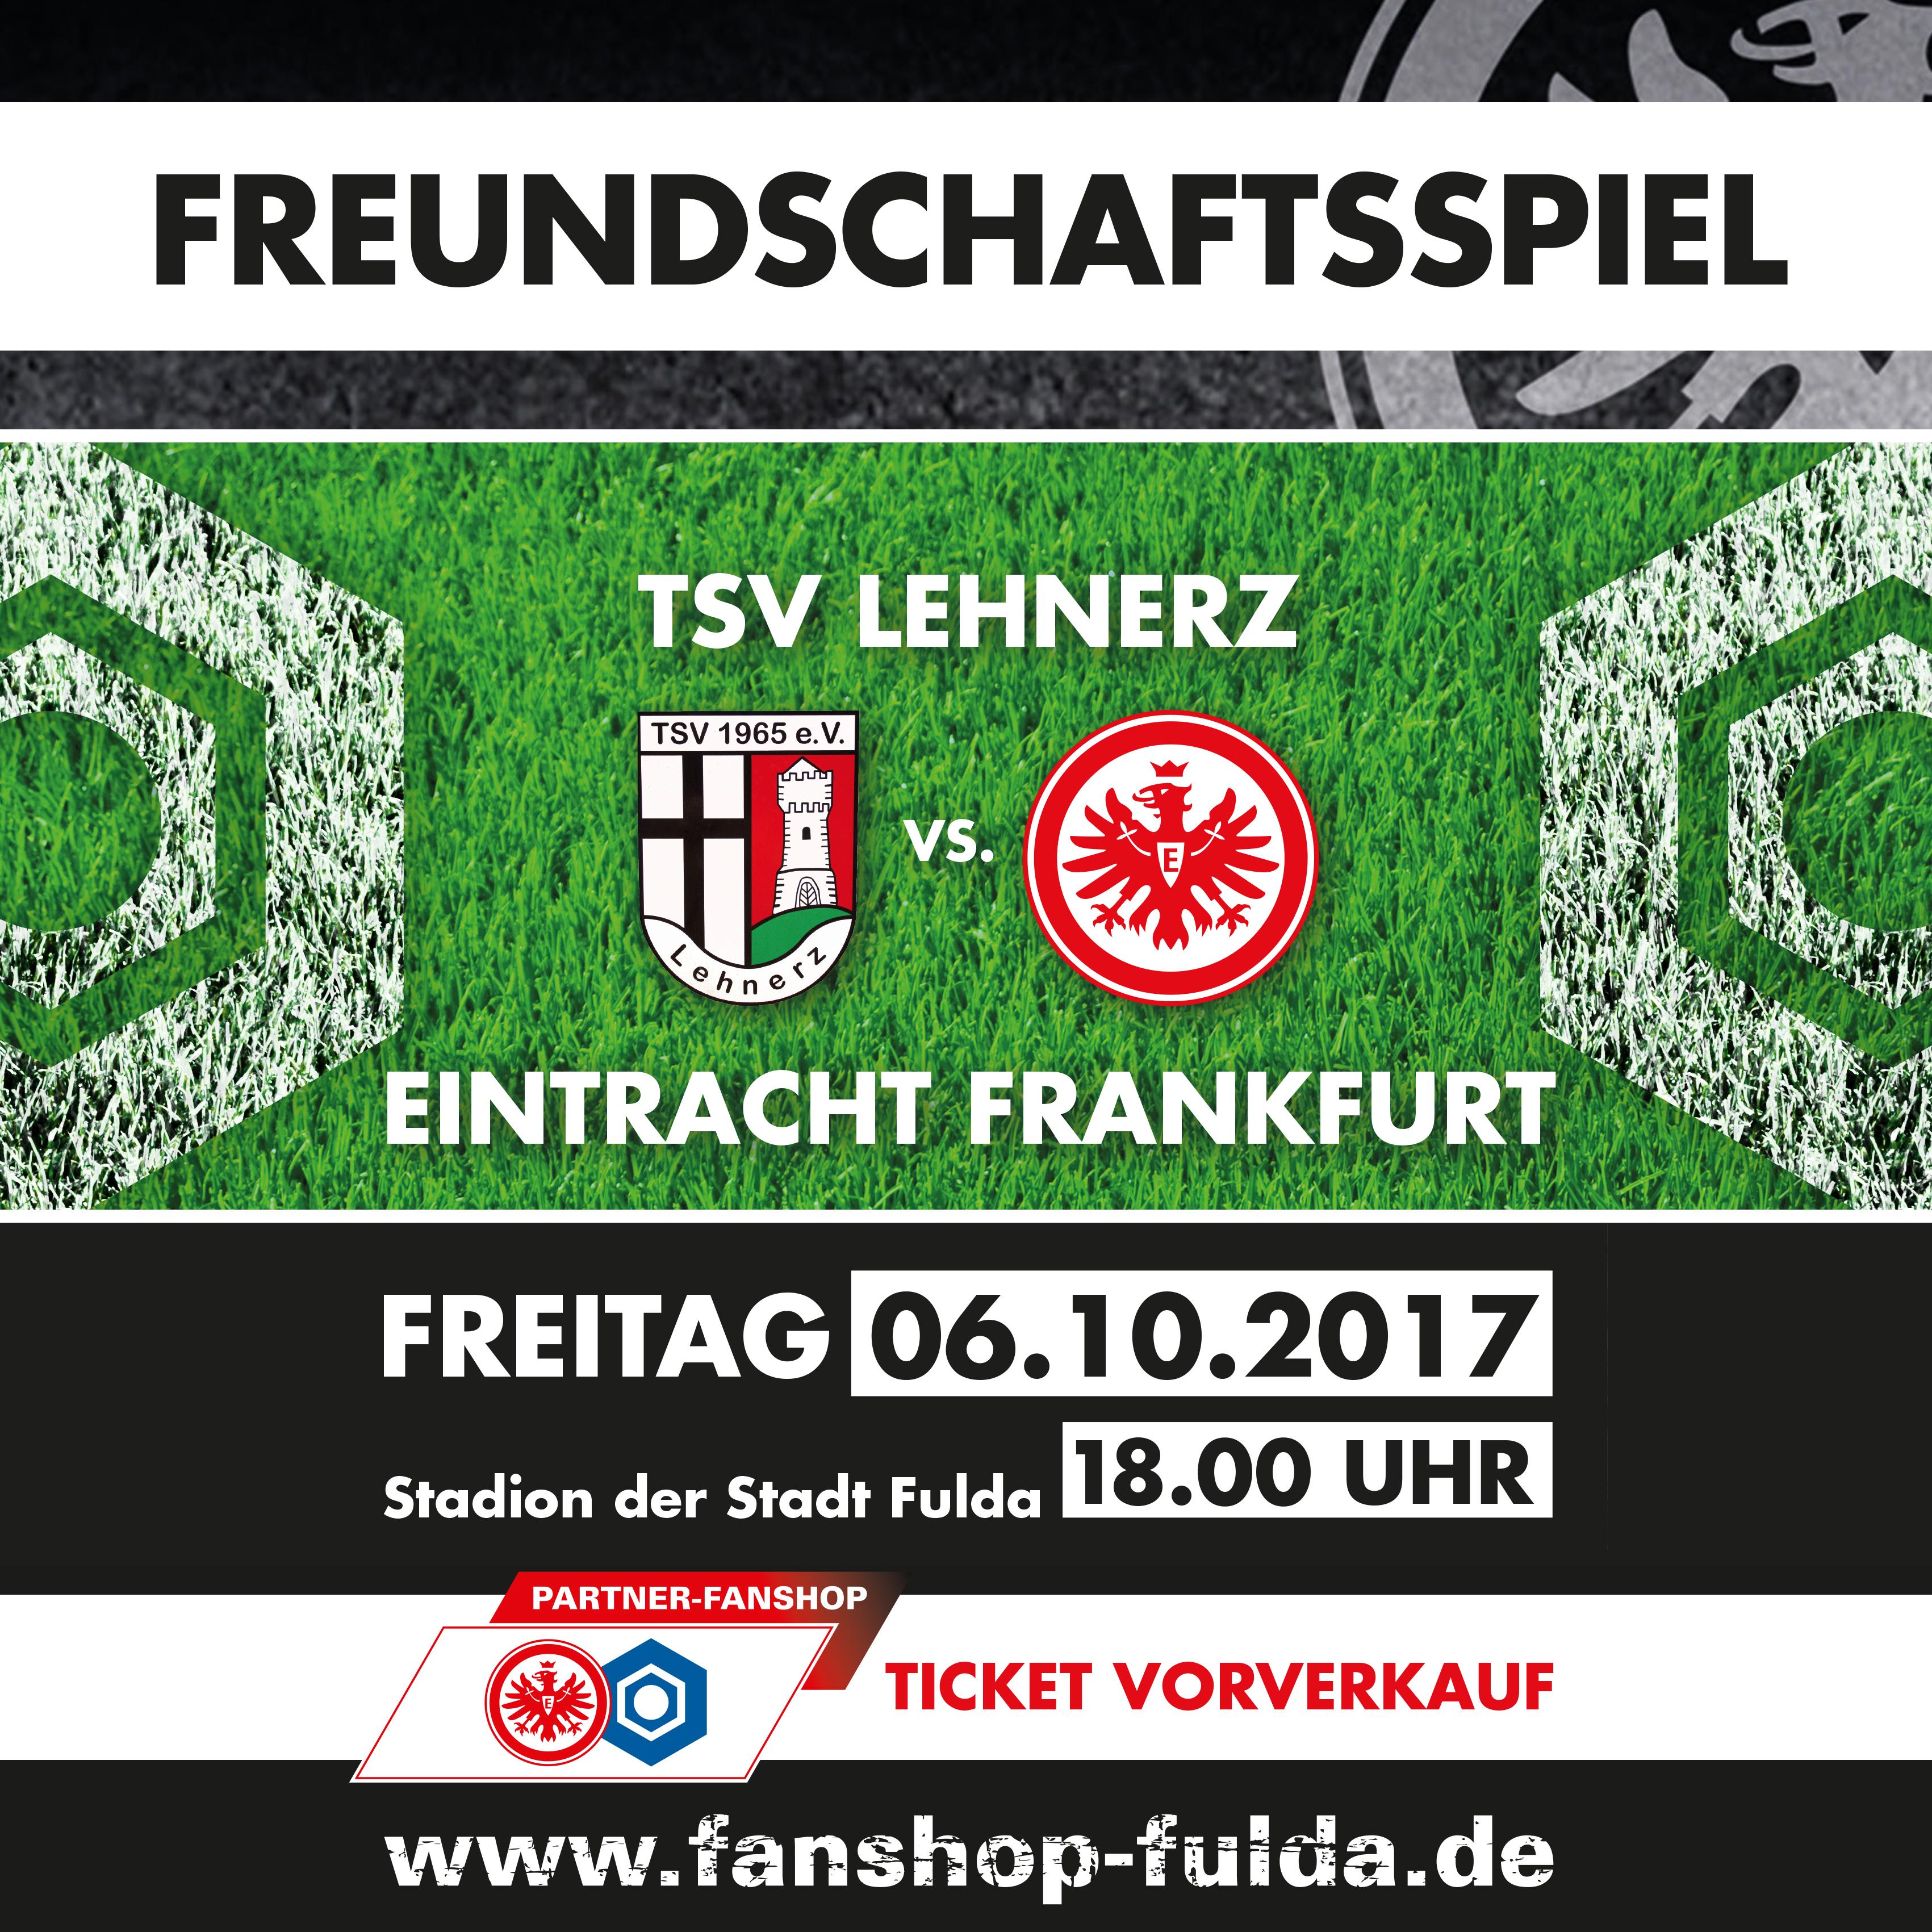 freundschaftsspiel eintracht frankfurt